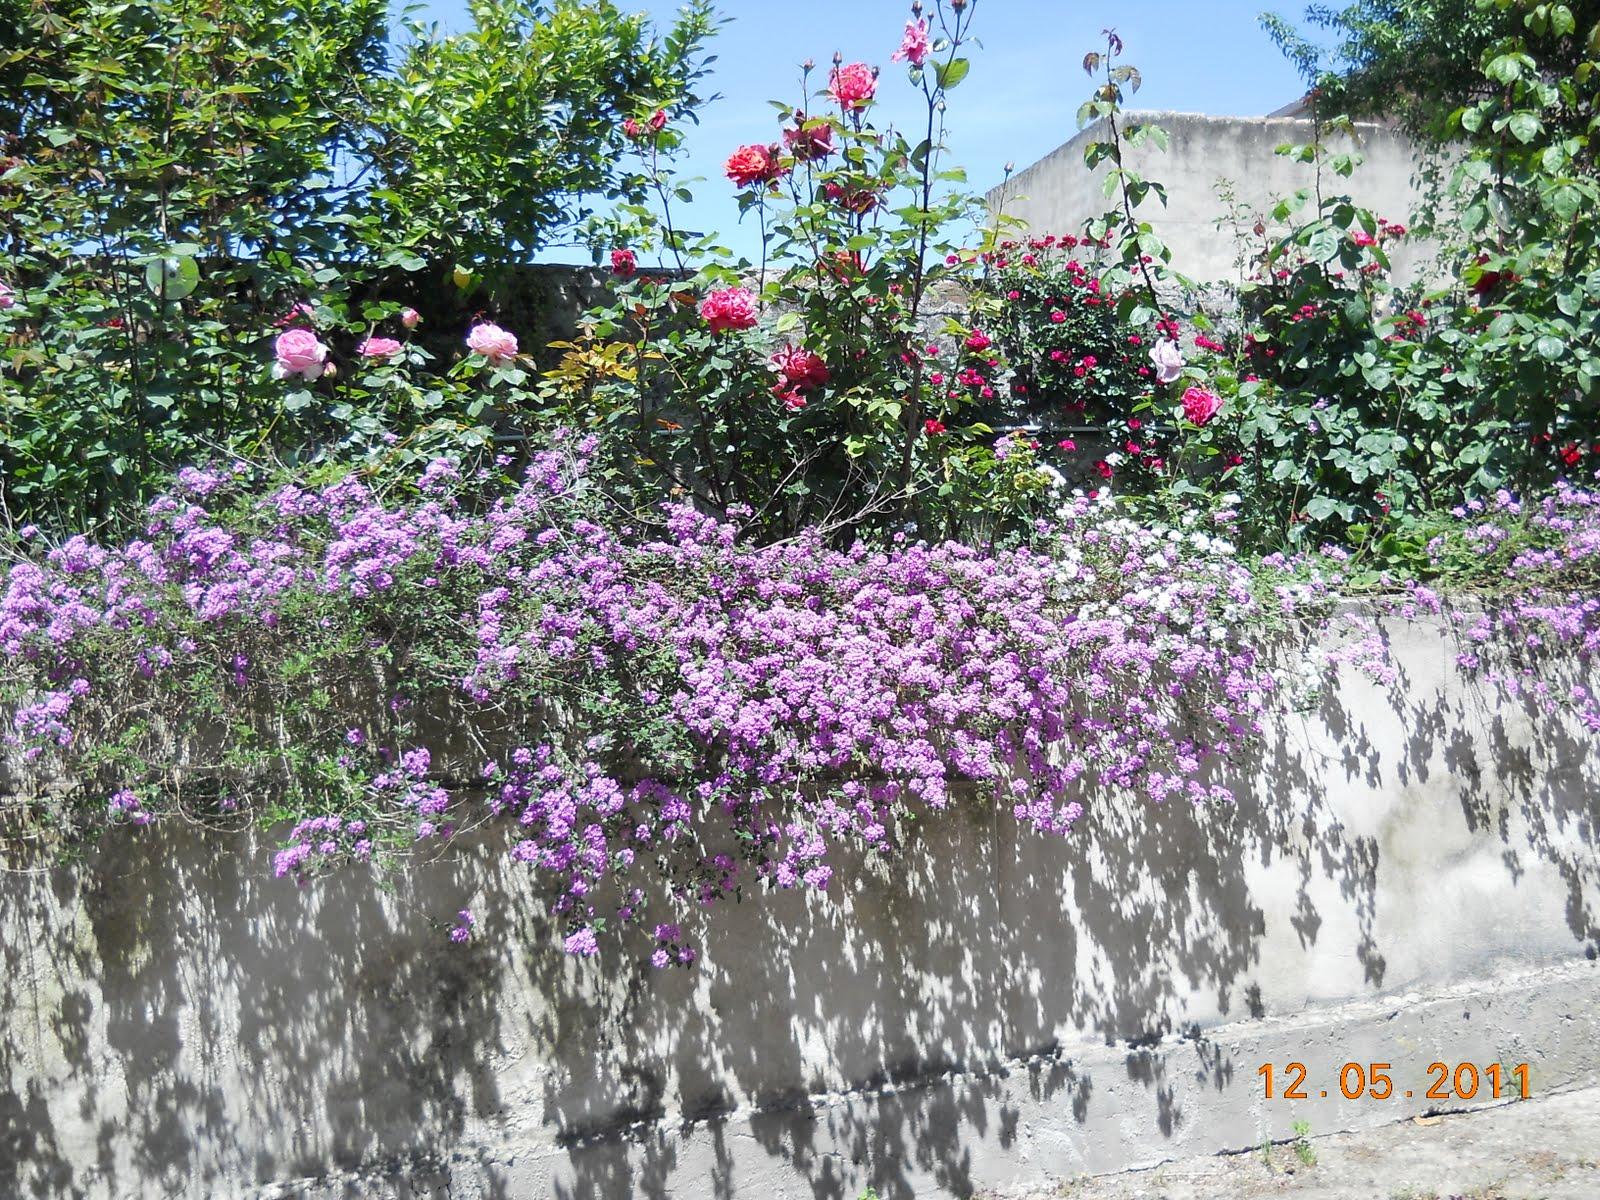 Di tutto un po 39 giardini bellissimi - Giardini bellissimi ...